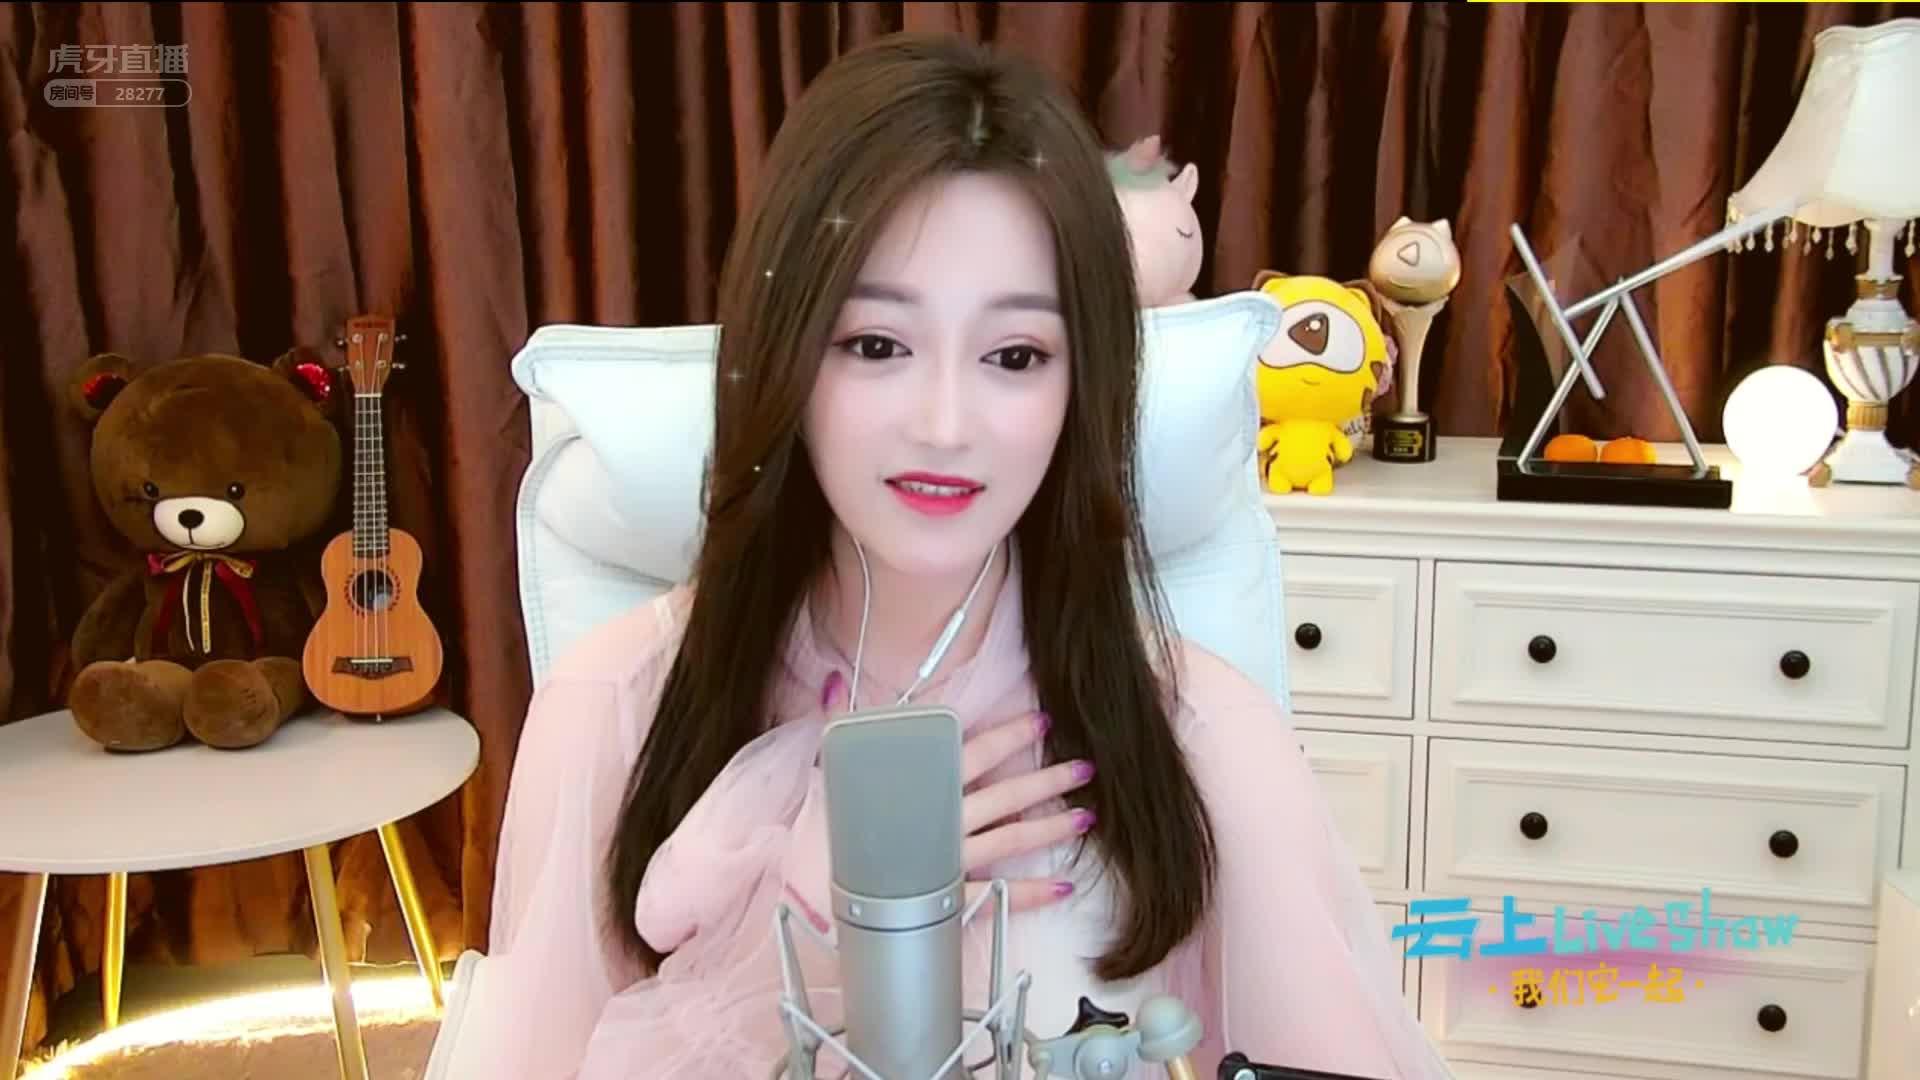 郑晓填:实力演唱《恶作剧》